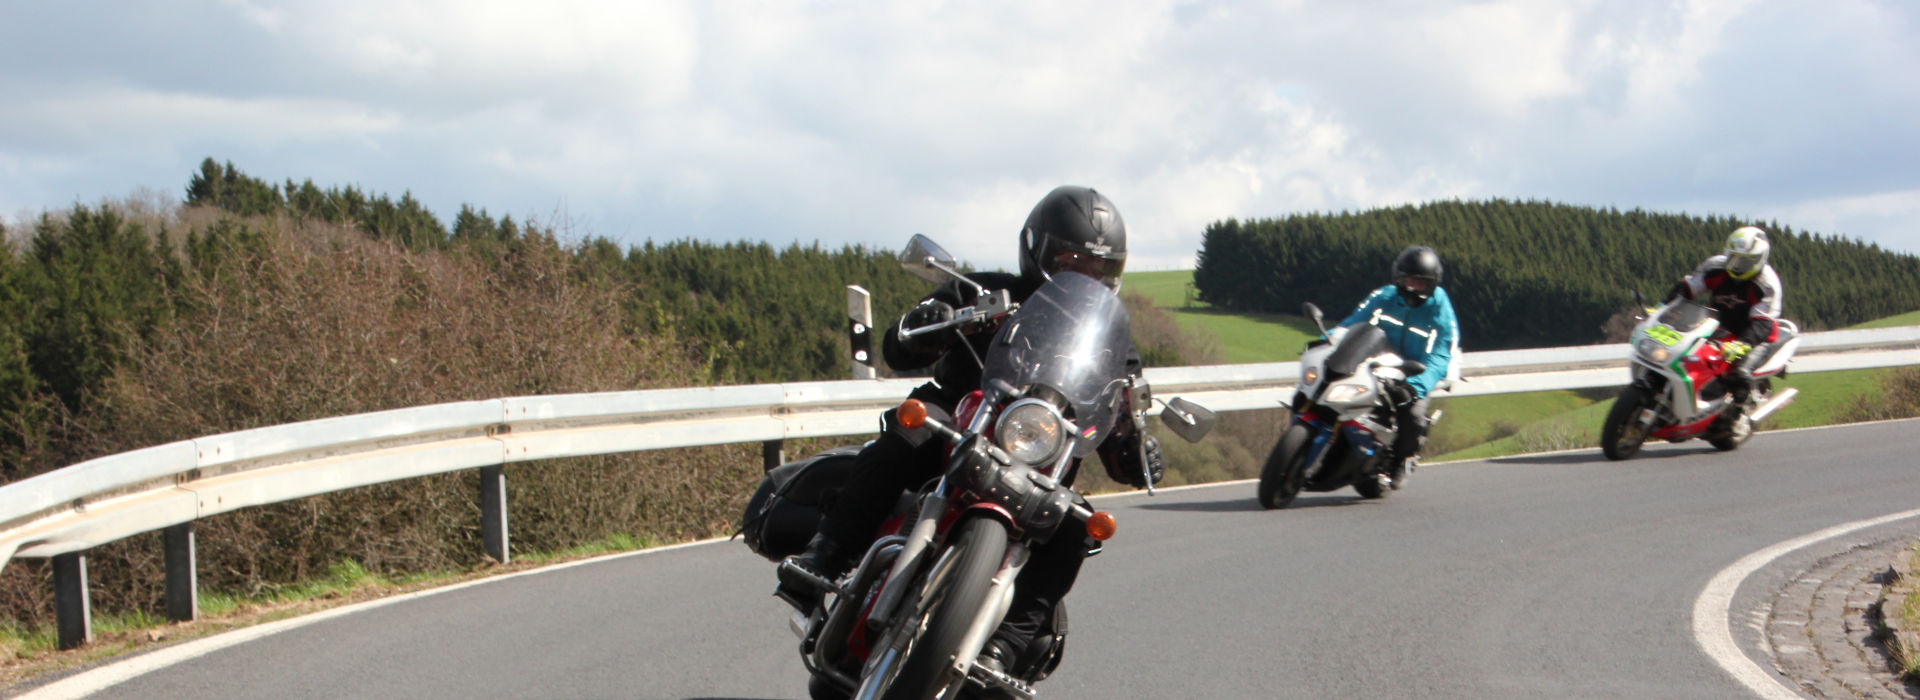 Motorrijbewijspoint America snel motorrijbewijs halen